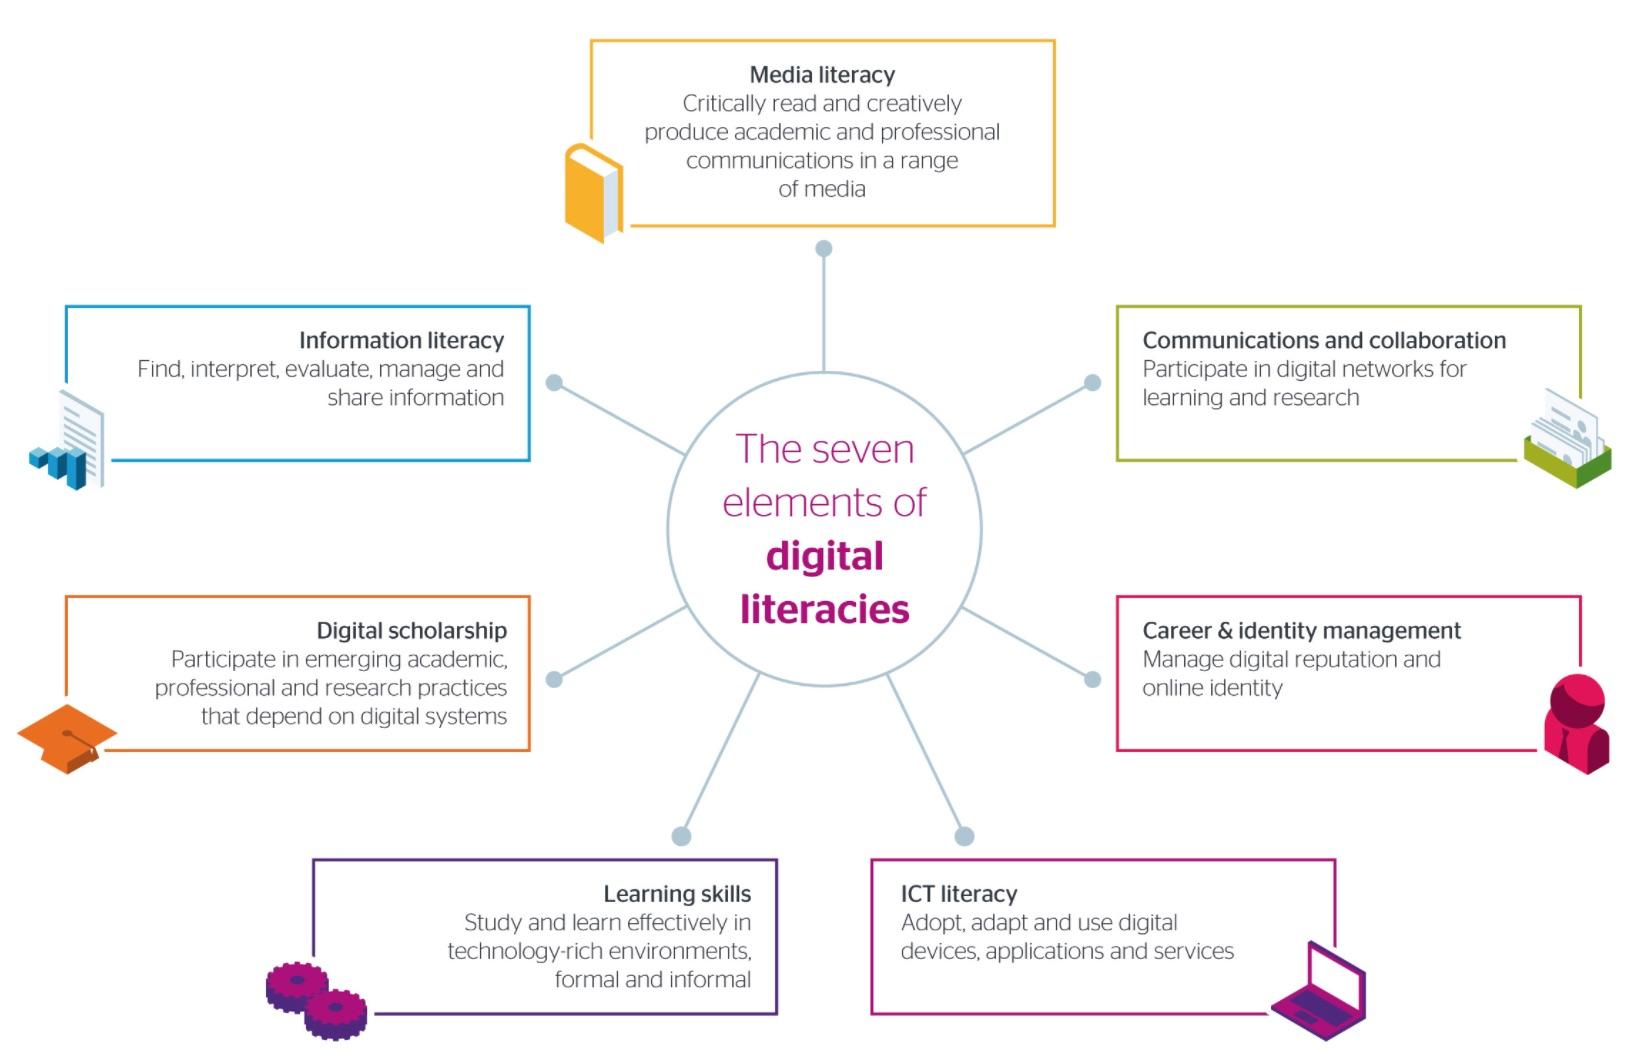 digital-literacies.jpg